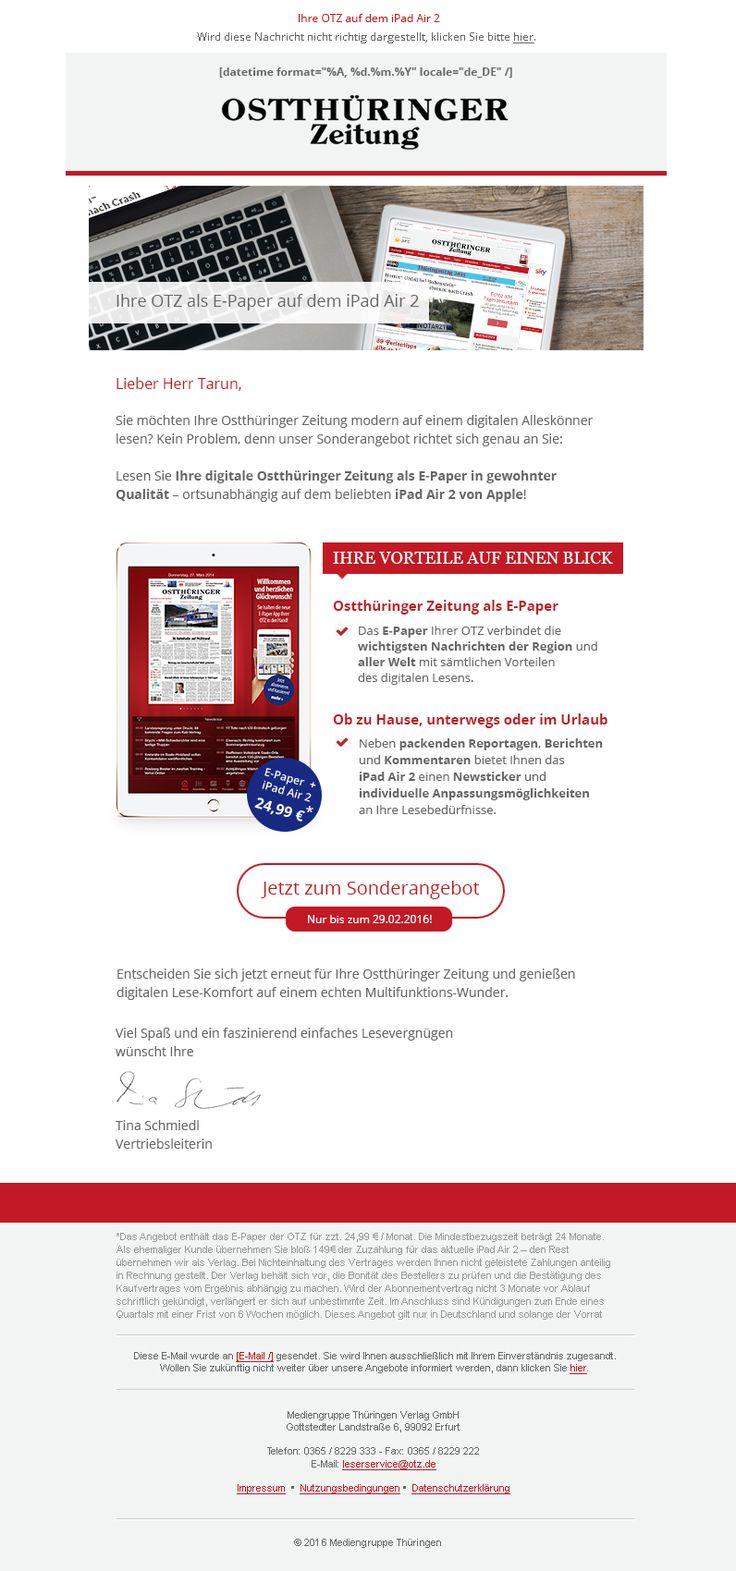 Unsere #mailingwork Grafiker entwarfen für die Mediengruppe Thüringen, speziell für die Ostthüringer Zeitung ein neues #Newsletter-#Design. #Newsletterdesign #Email #Emailmarketing